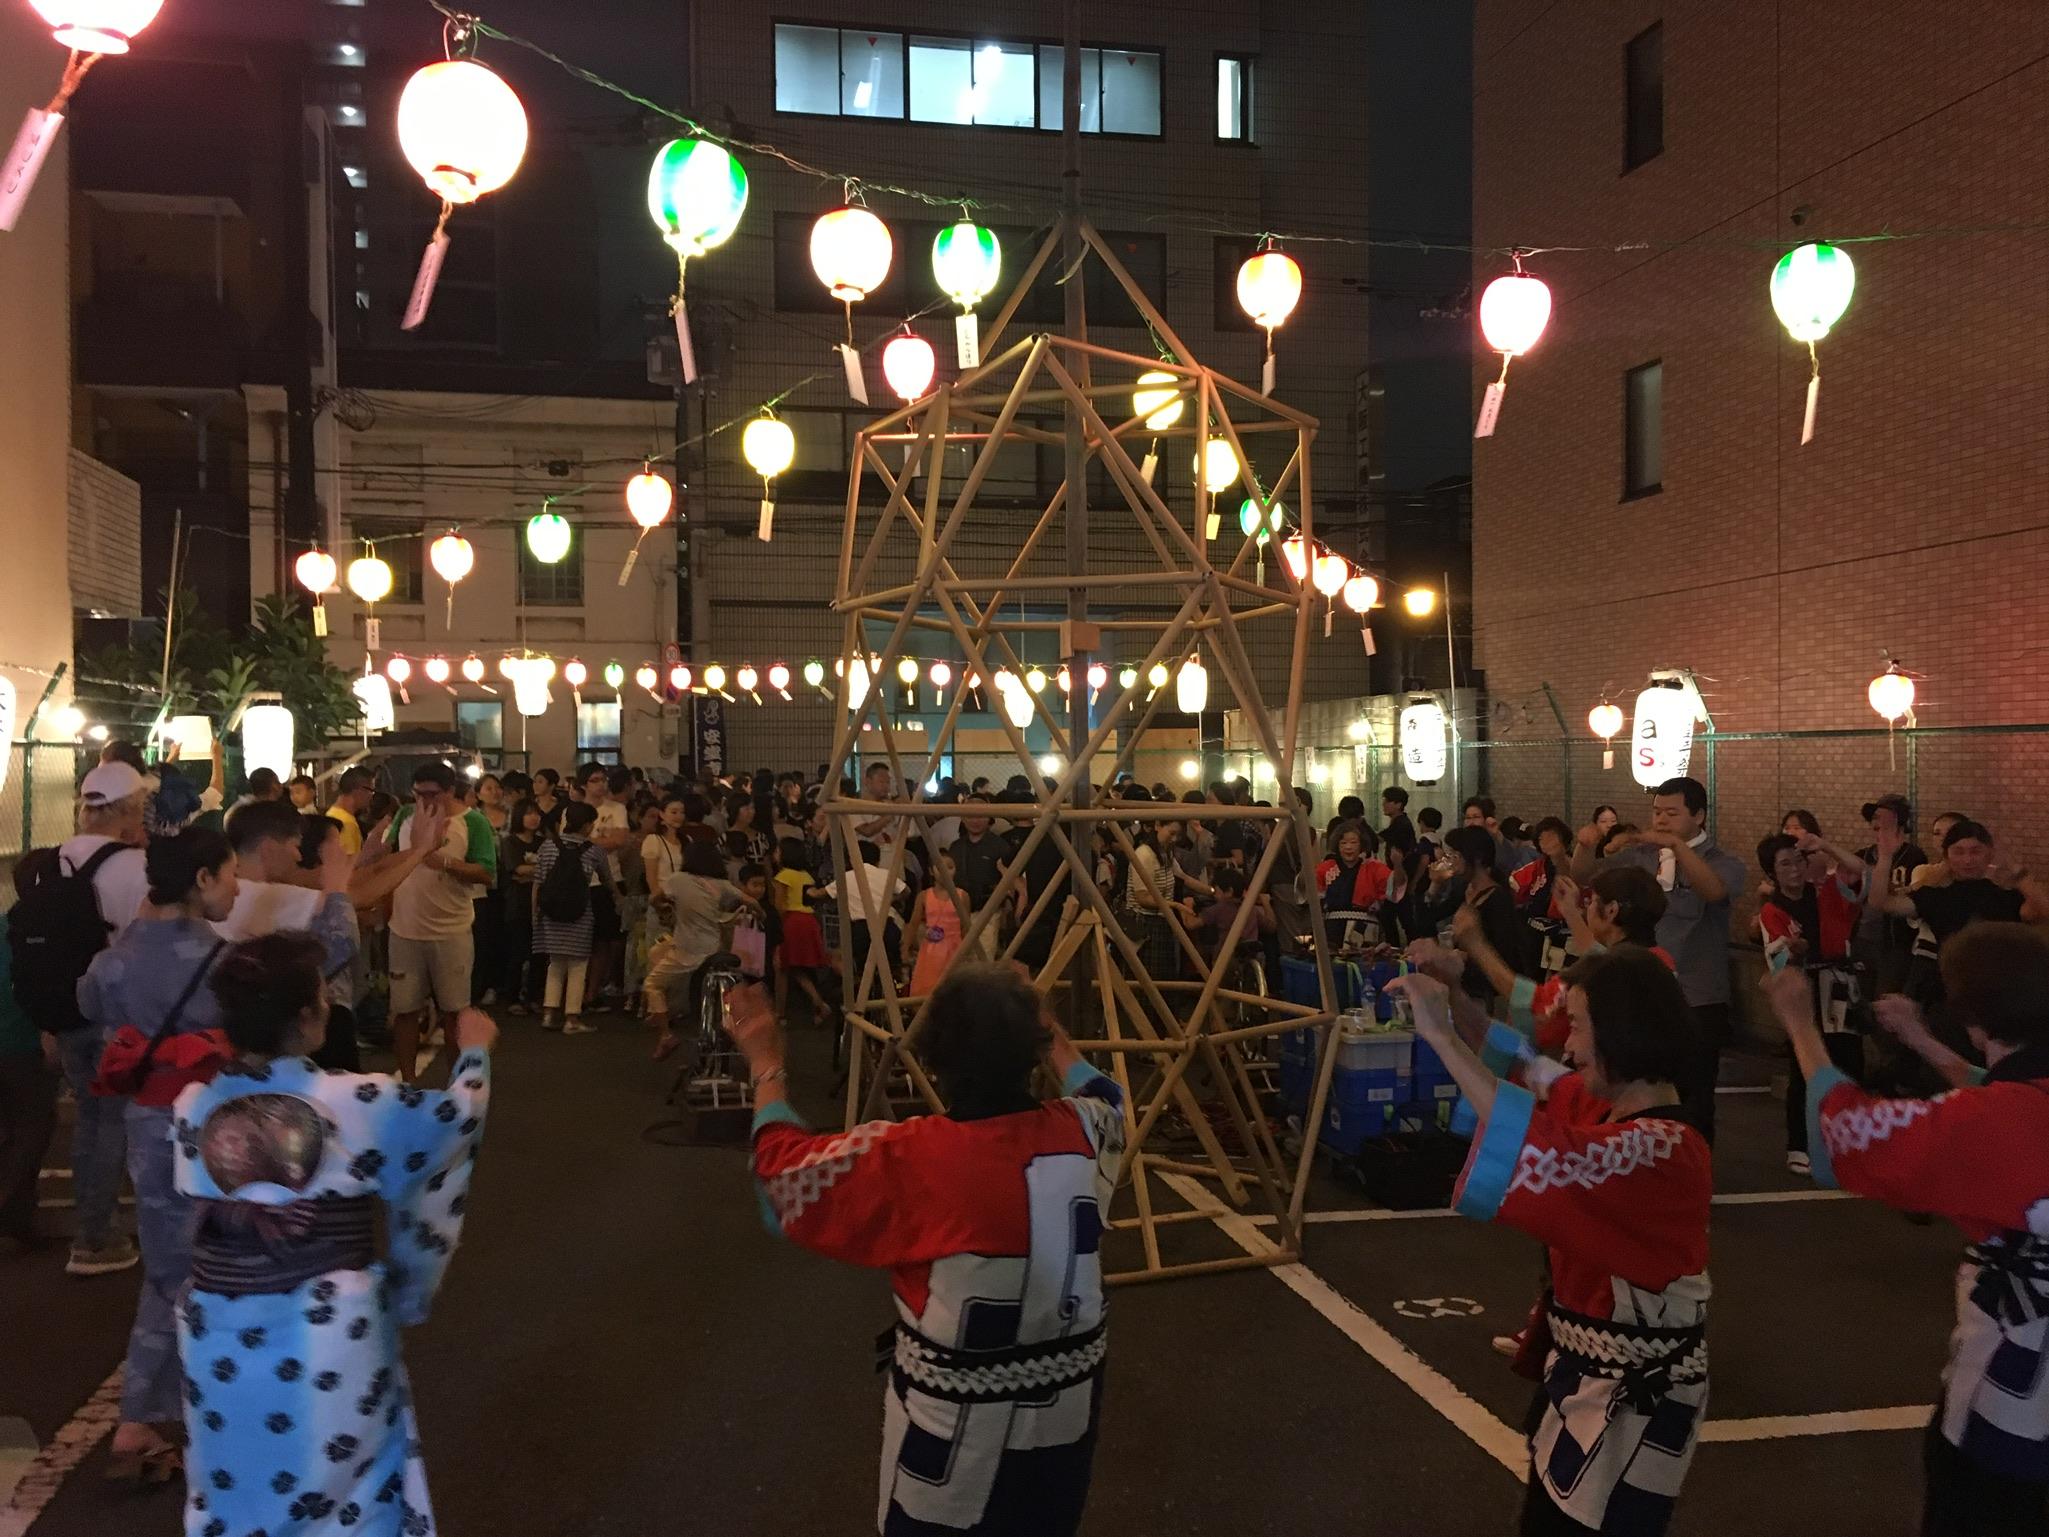 夏の最後の思い出作り☆地元のお祭りにスタッフとして参加してきました!